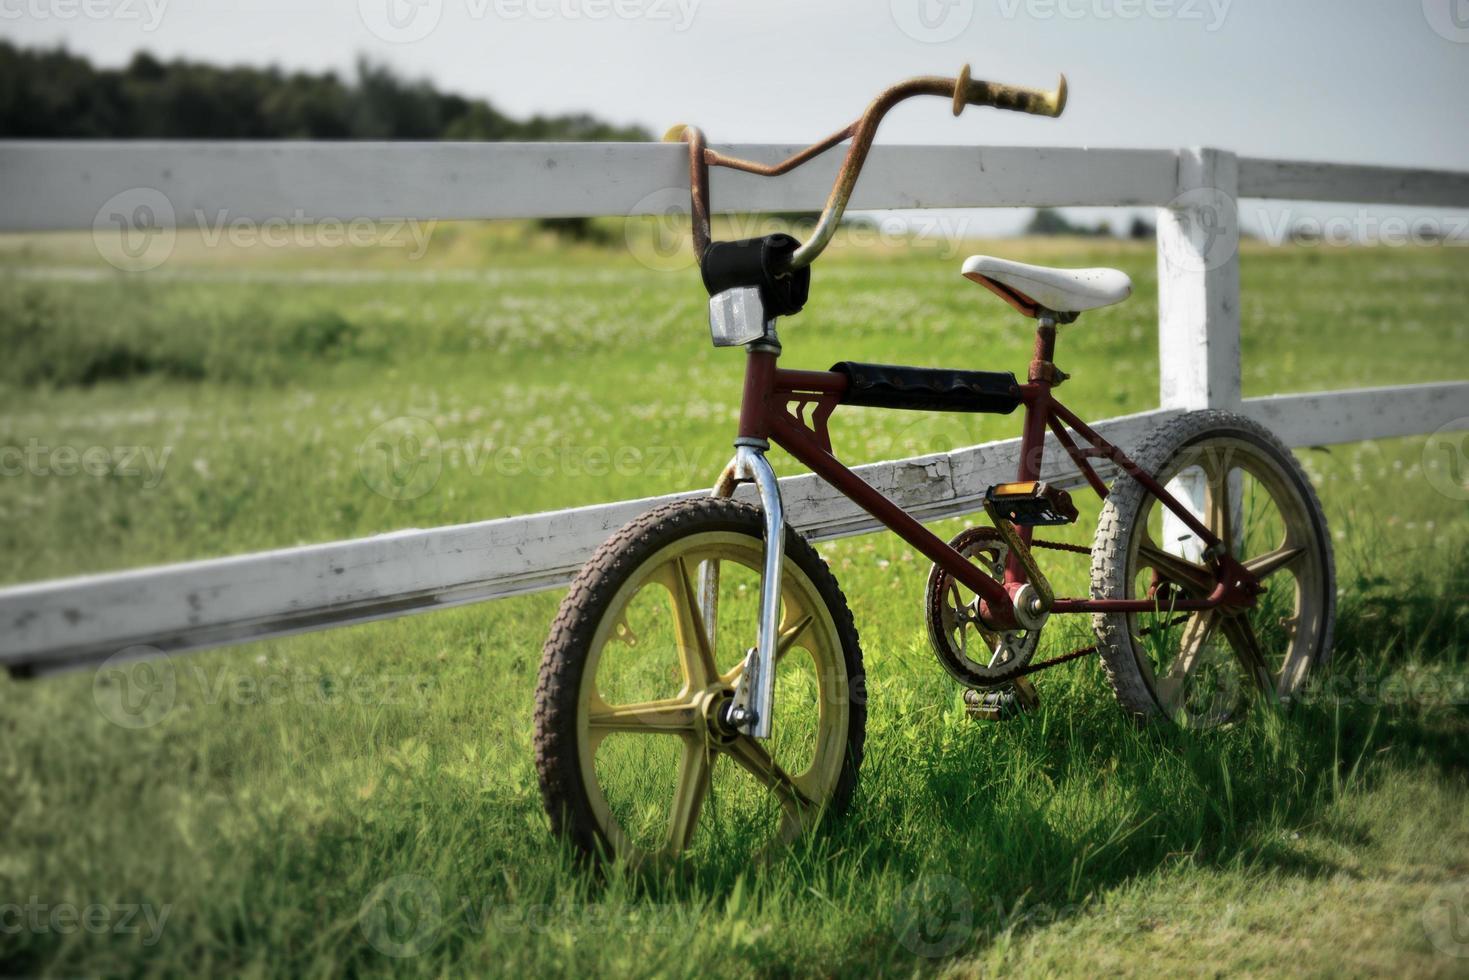 vieux vélo vintage bmx, fondu couleur, couleur désaturée photo